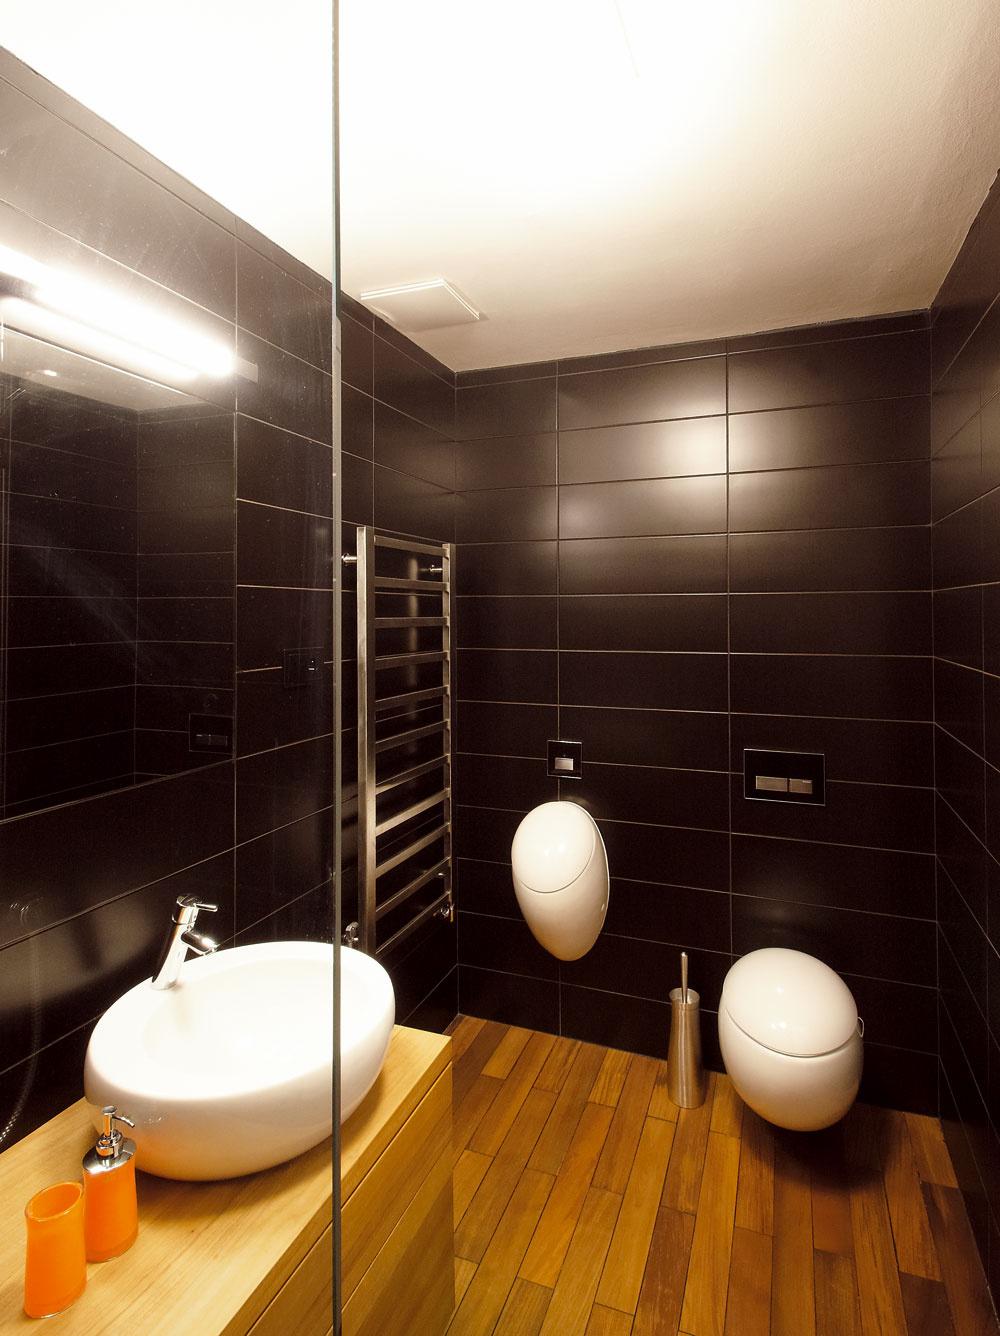 Manželova požiadavka bol splnená – vkúpeľni má pisoár, hneď vedľa klasickej misy. Kúpeľňa je ladená do prírodných tónov aj tvarov – dominantná je tmavá dlažba atíkové drevo. Nájdete ho dokonca aj vsprchovacom kúte.